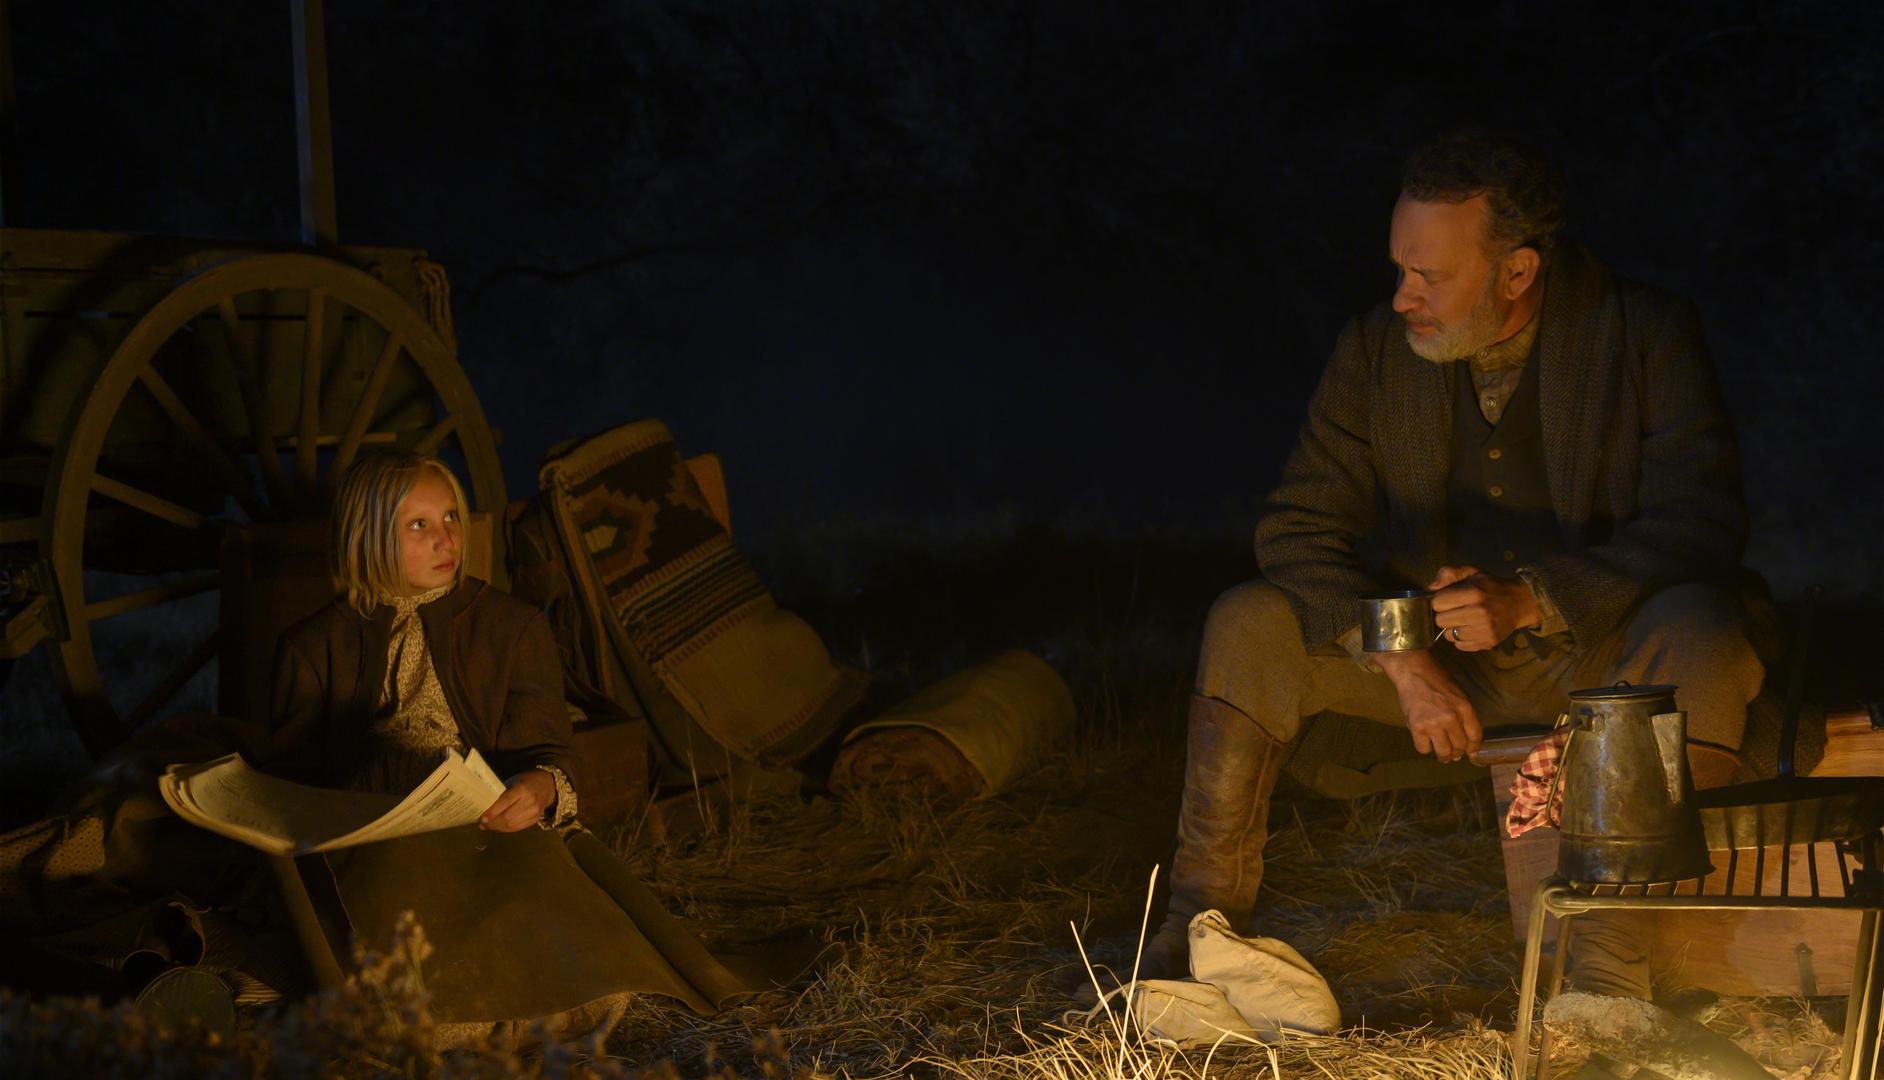 Helena Zengel e Tom Hanks